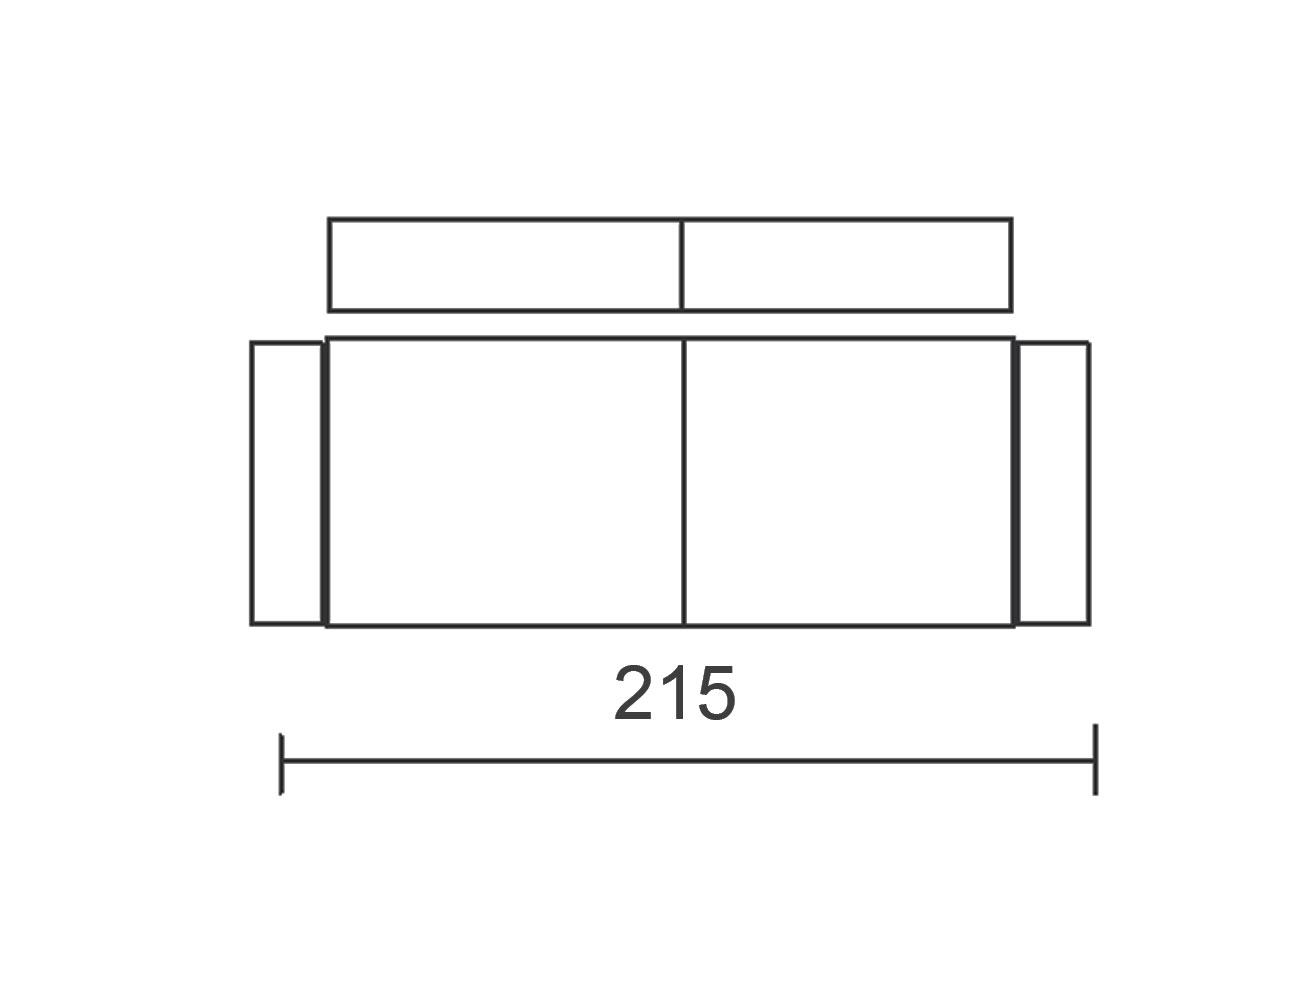 Modulo 2153